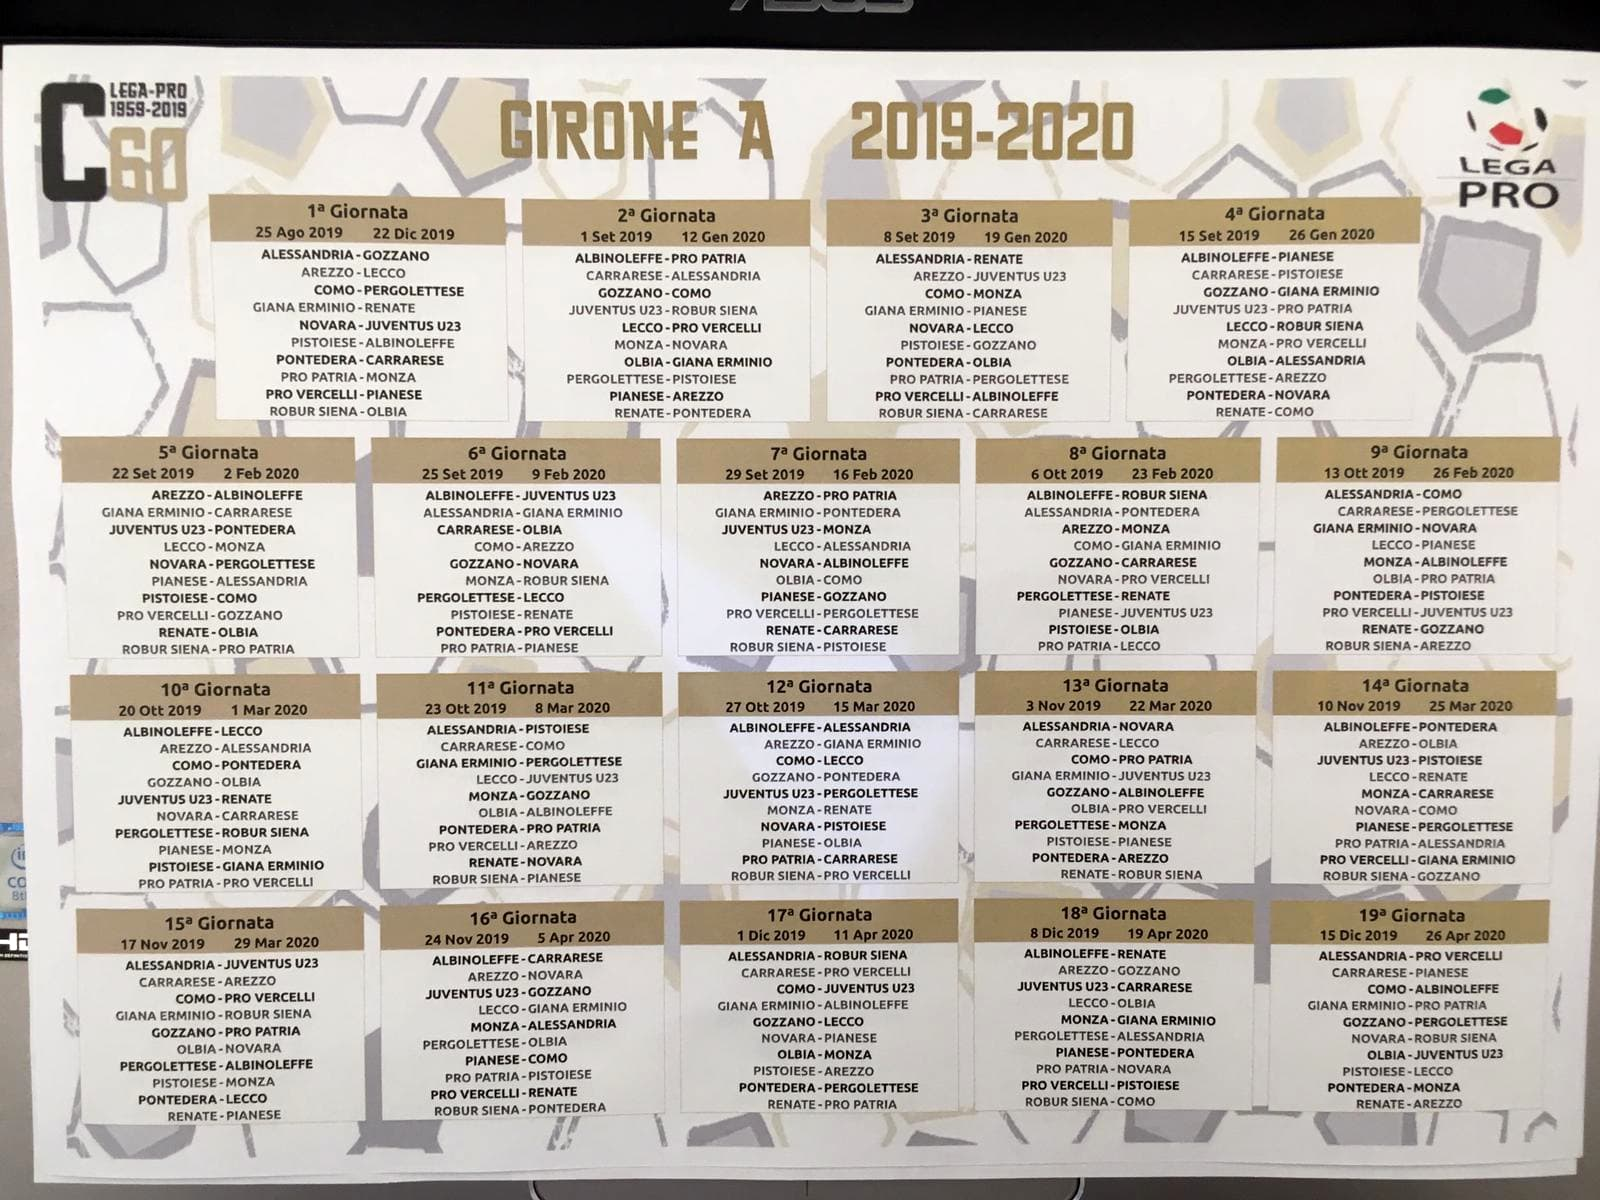 calendario-lega-pro-girone-a-2019-2020